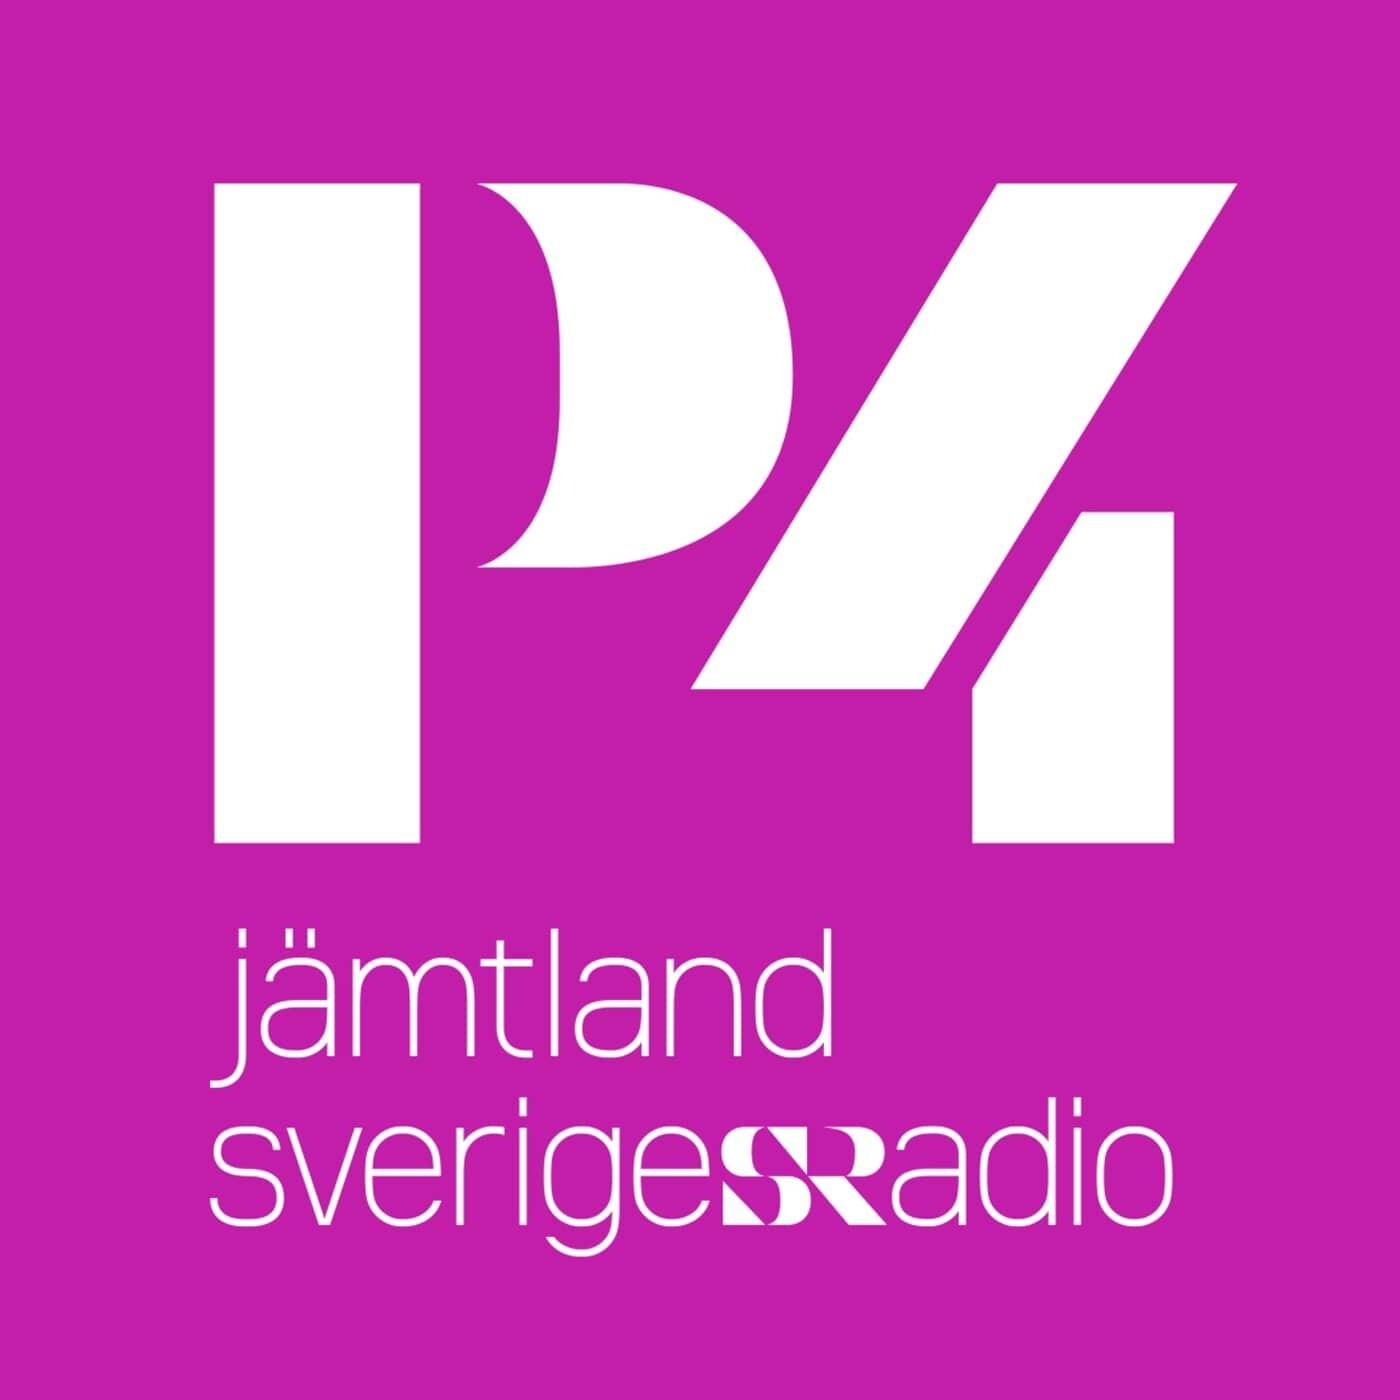 Nyheter P4 Jämtland 2020-10-20 kl. 10.30